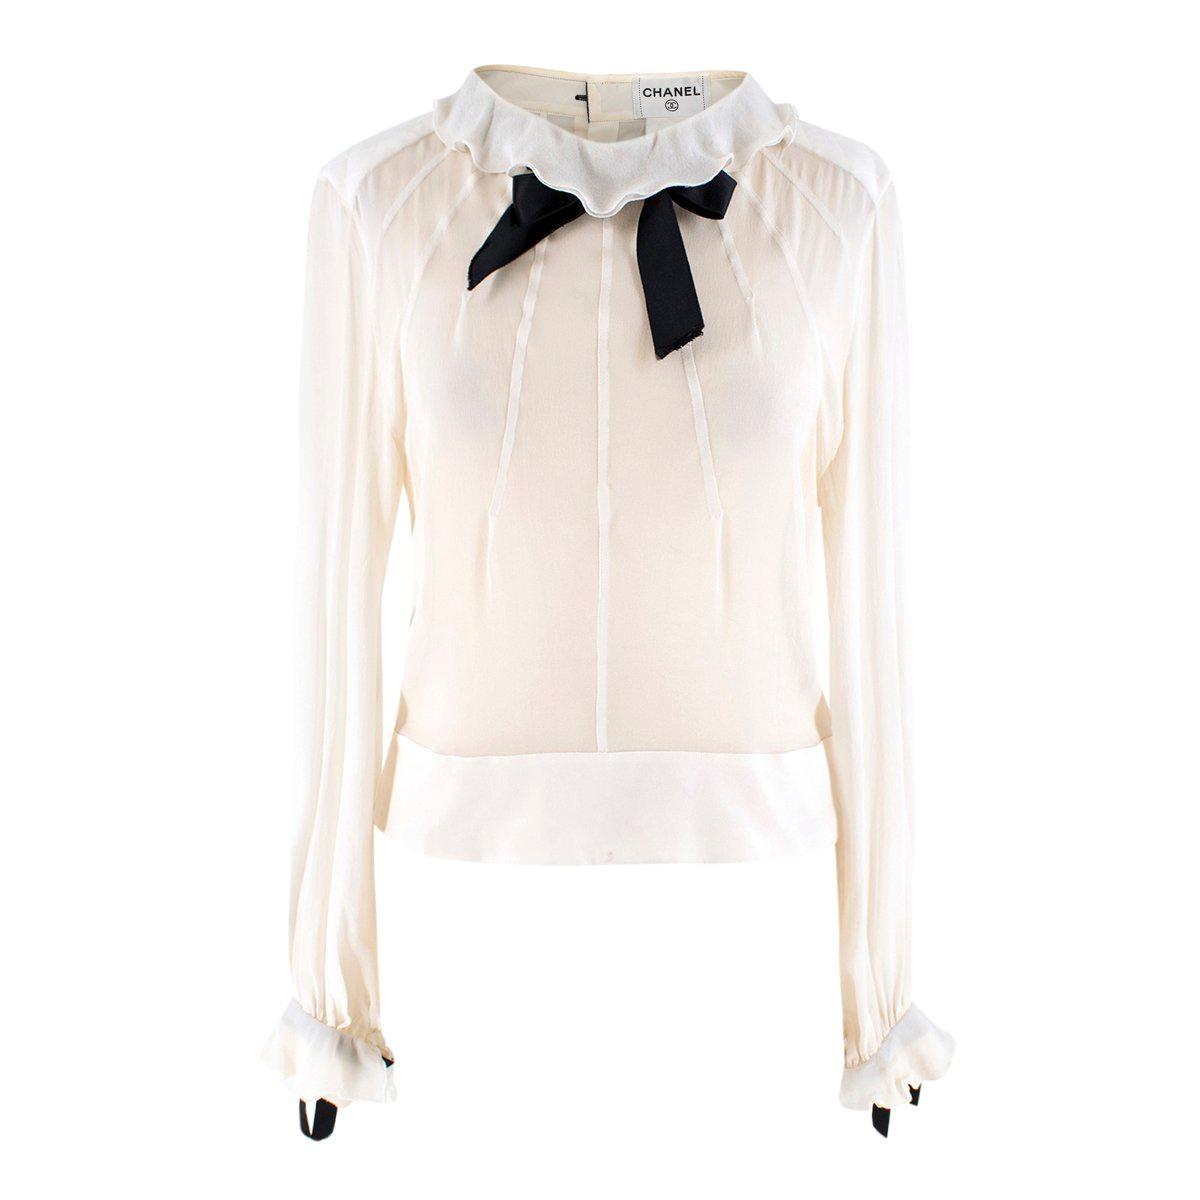 cddca4d5756ee Vintage Chanel Shirts - 123 For Sale at 1stdibs